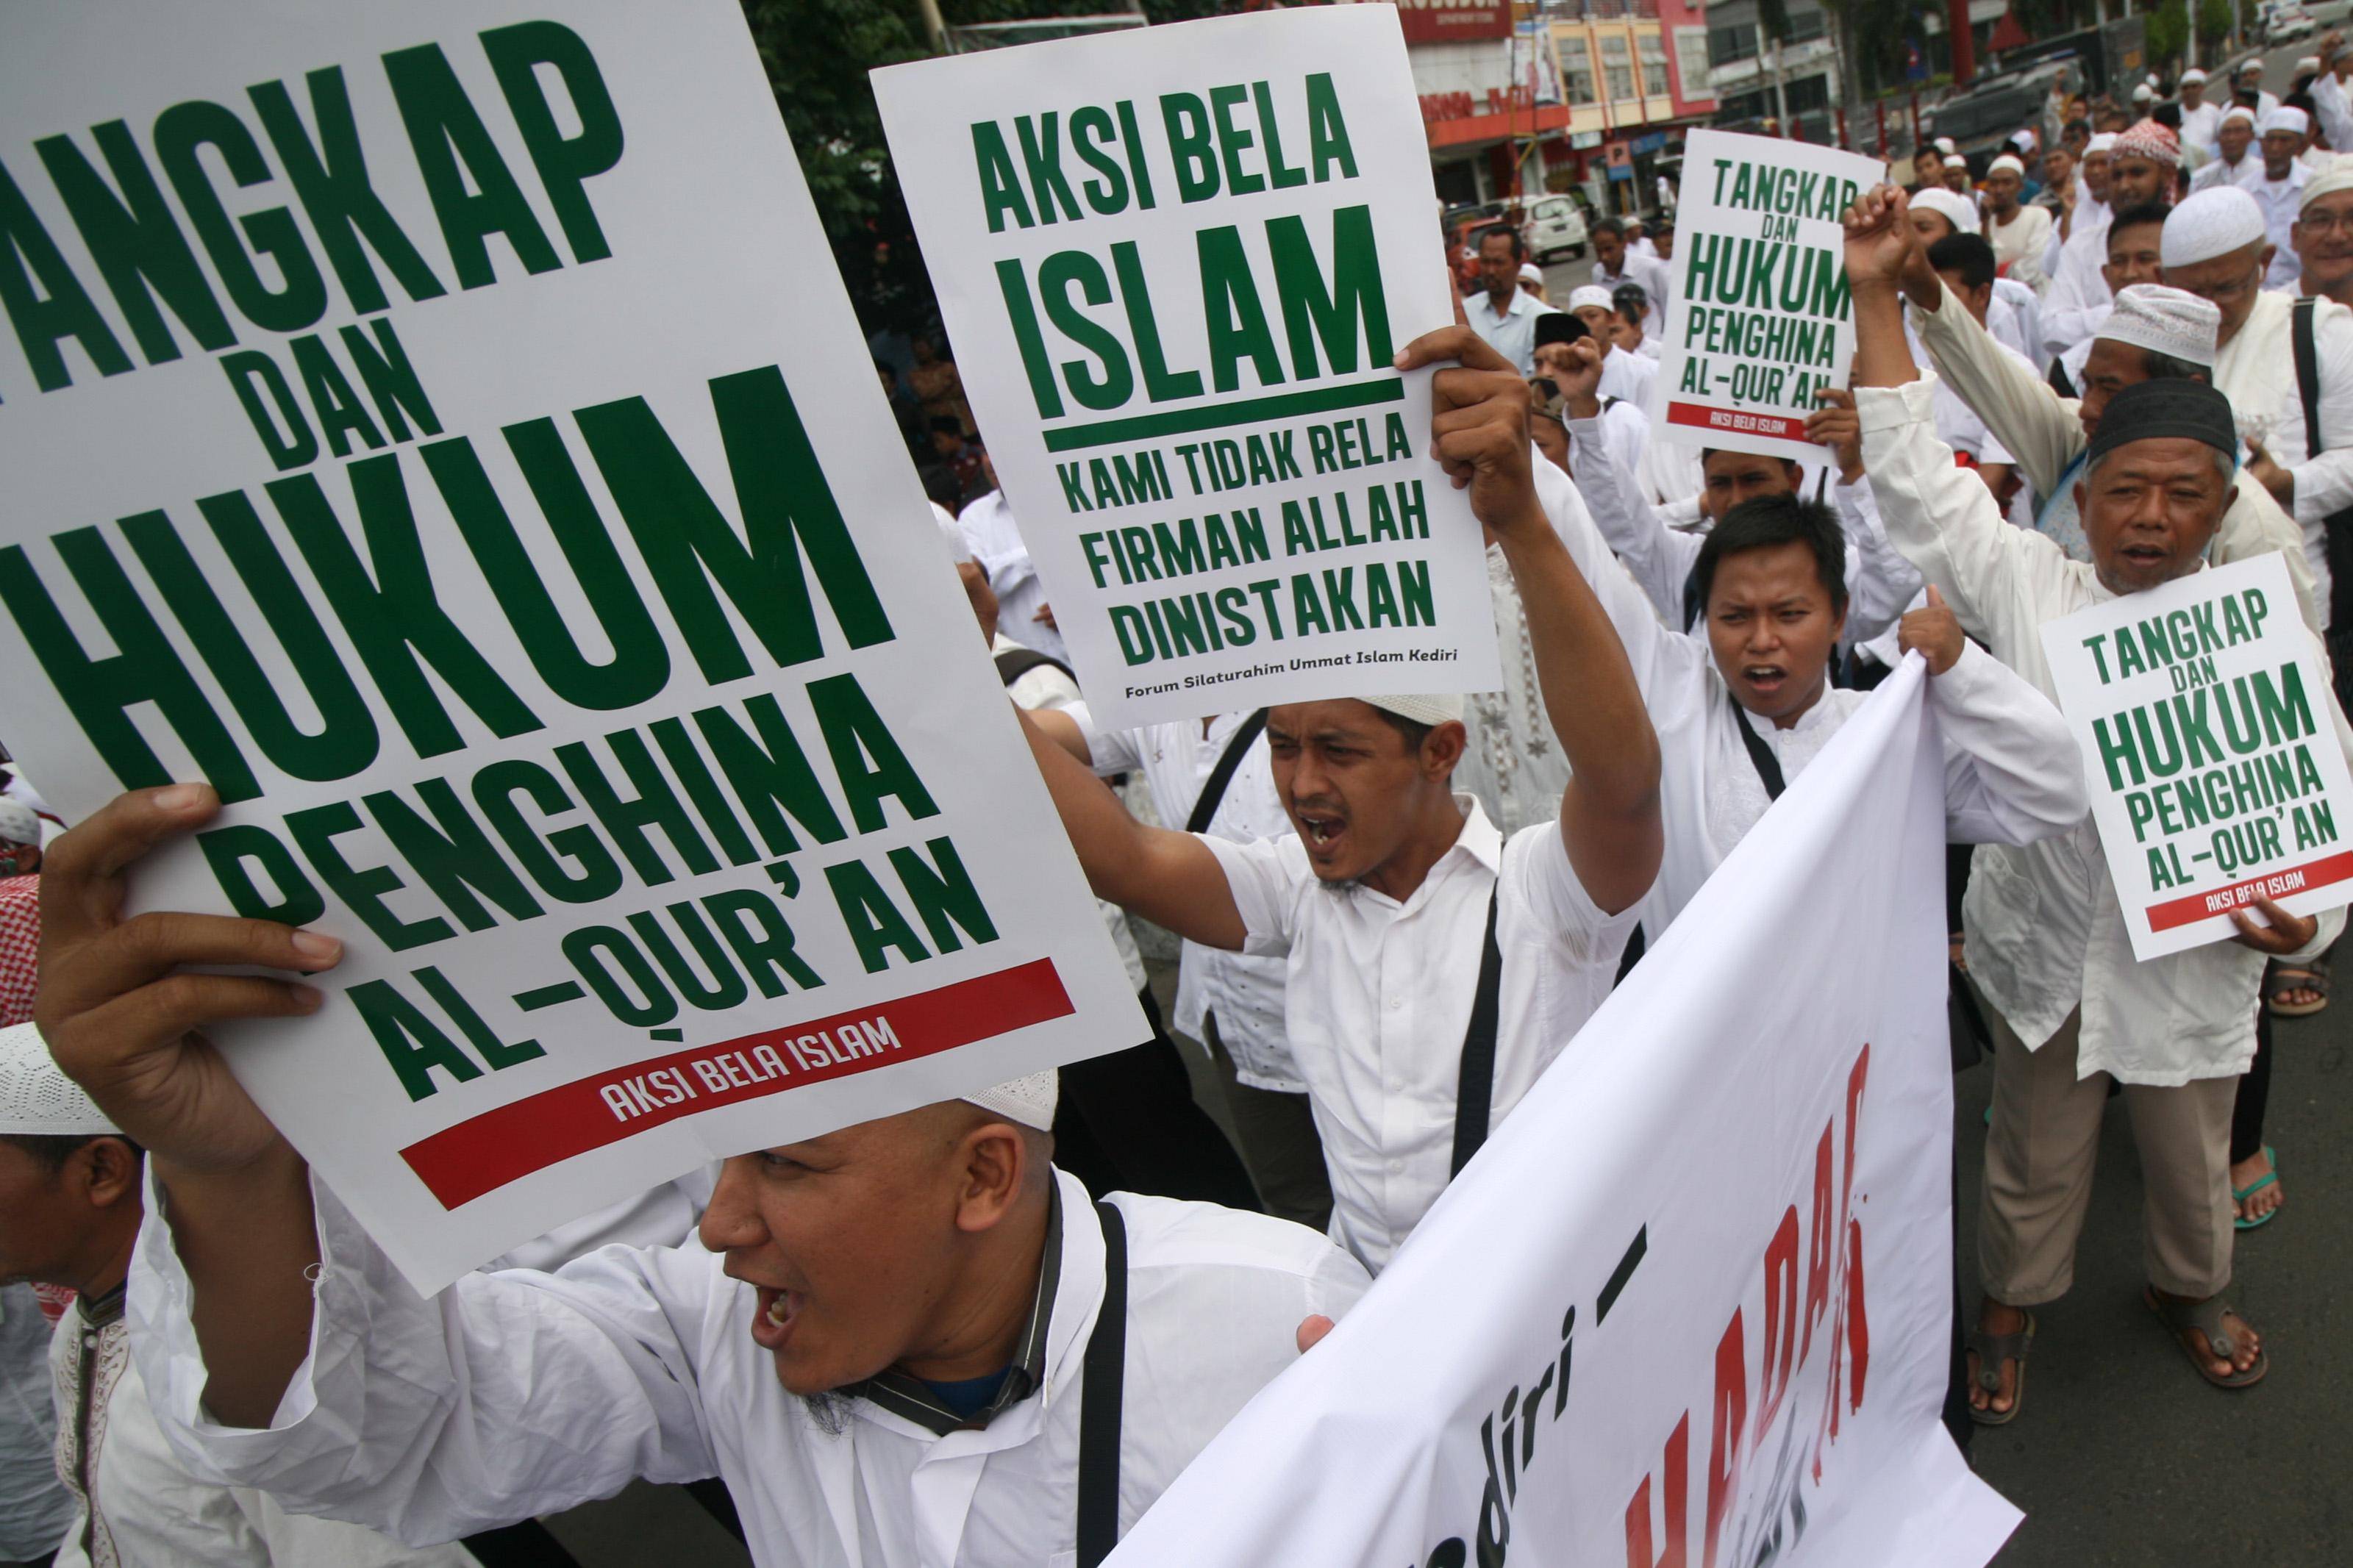 Warga menghadiri doa bersama untuk keselamatan bangsa di Alun-alun Kota Kediri, Jawa Timur, Jumat (2/12). Aksi bela Islam III yang dihadiri ratusan umat muslim se-Kediri Raya tersebut berlangsung tertib dan damai. ANTARA FOTO/Prasetia Fauzani/ama/16